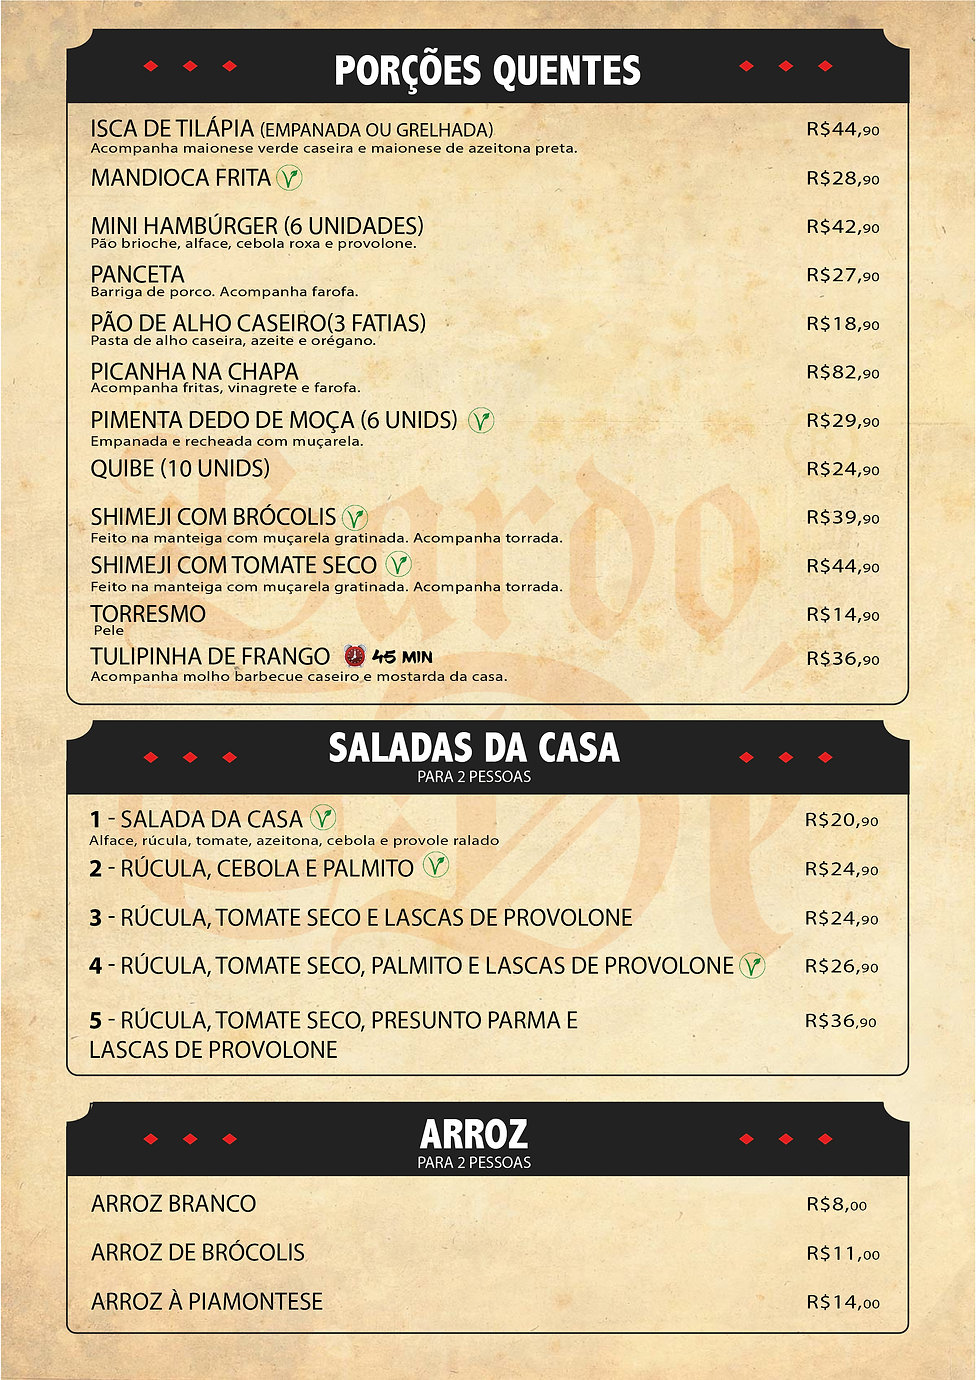 Cardápio Bardo Dé 2021 FINAL-12.jpg